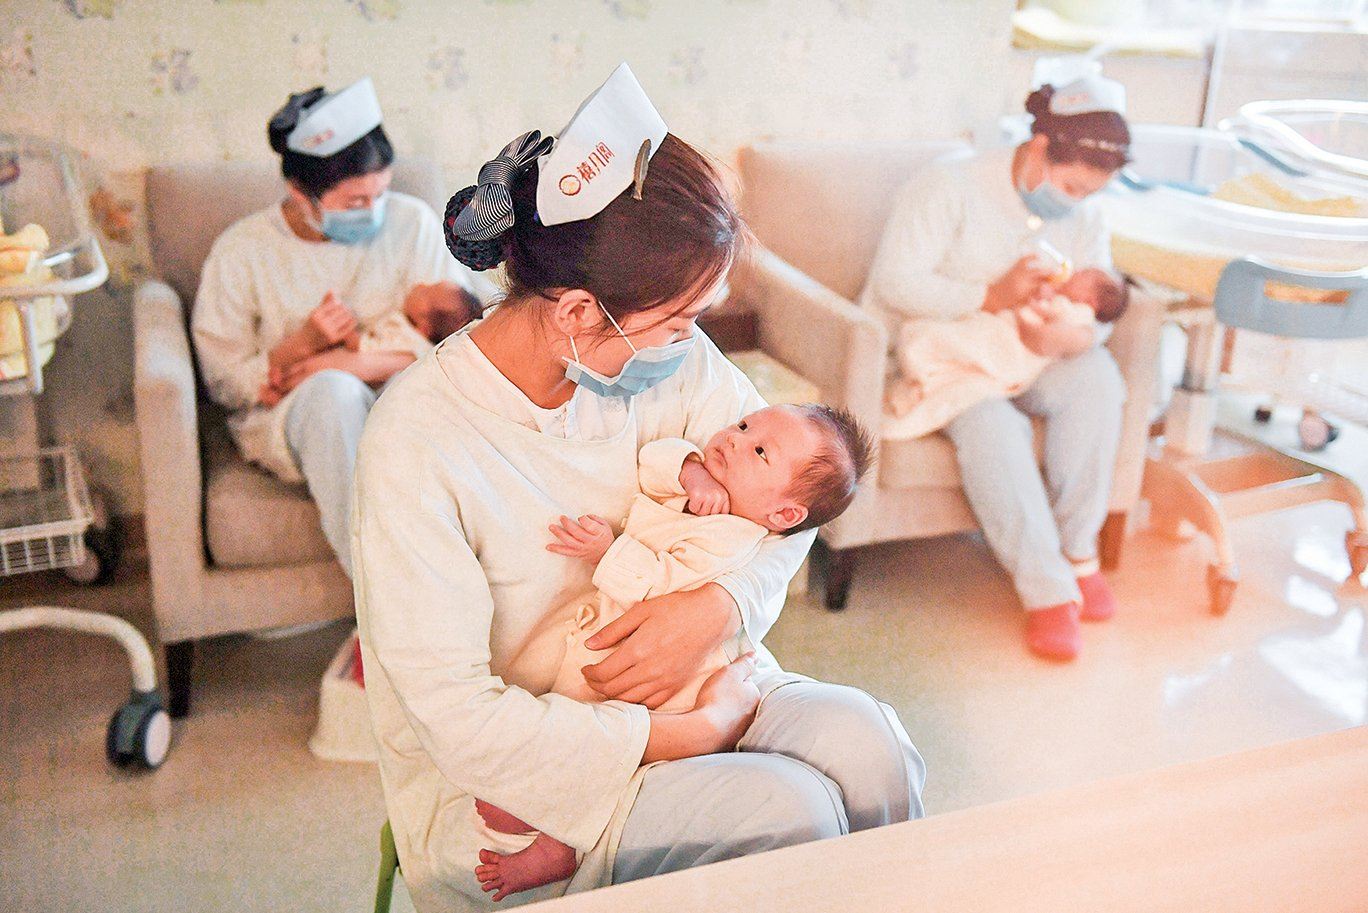 中國新出生人口連年呈斷崖式下跌,其危機遠超歷史上由戰爭瘟疫造成的人口劇減。2016年實施二胎政策以來也未見起色。圖為2016年12月北京的一個月子中心。(Getty Images)